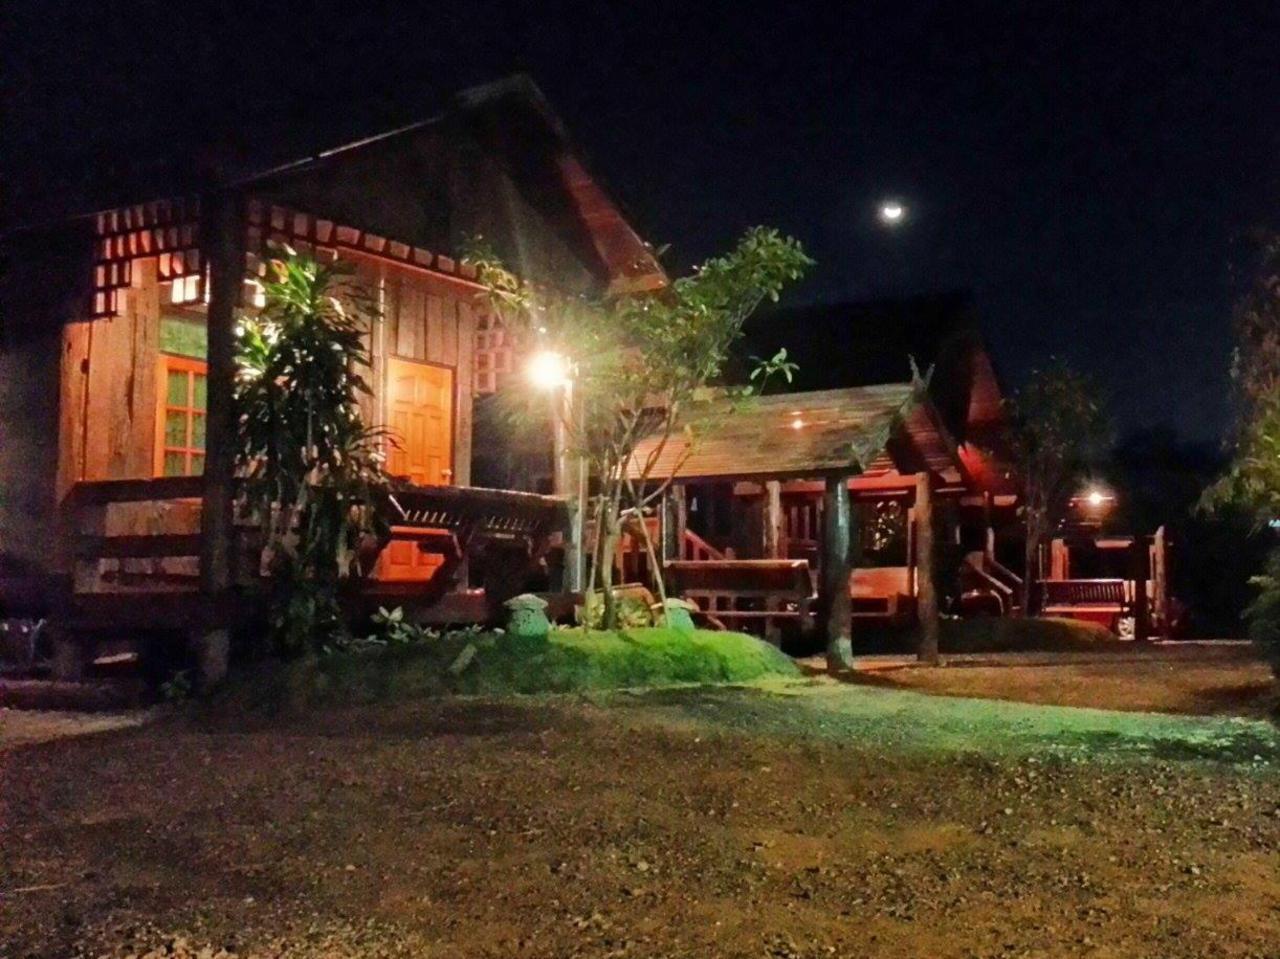 ทรงไทยกะไม้หมอน โฮมสเตย์ แอนด์ เรสเตอรองต์ ลพบุรี (Shongthai Maimhon Homestays and Restaurant Lopburi)